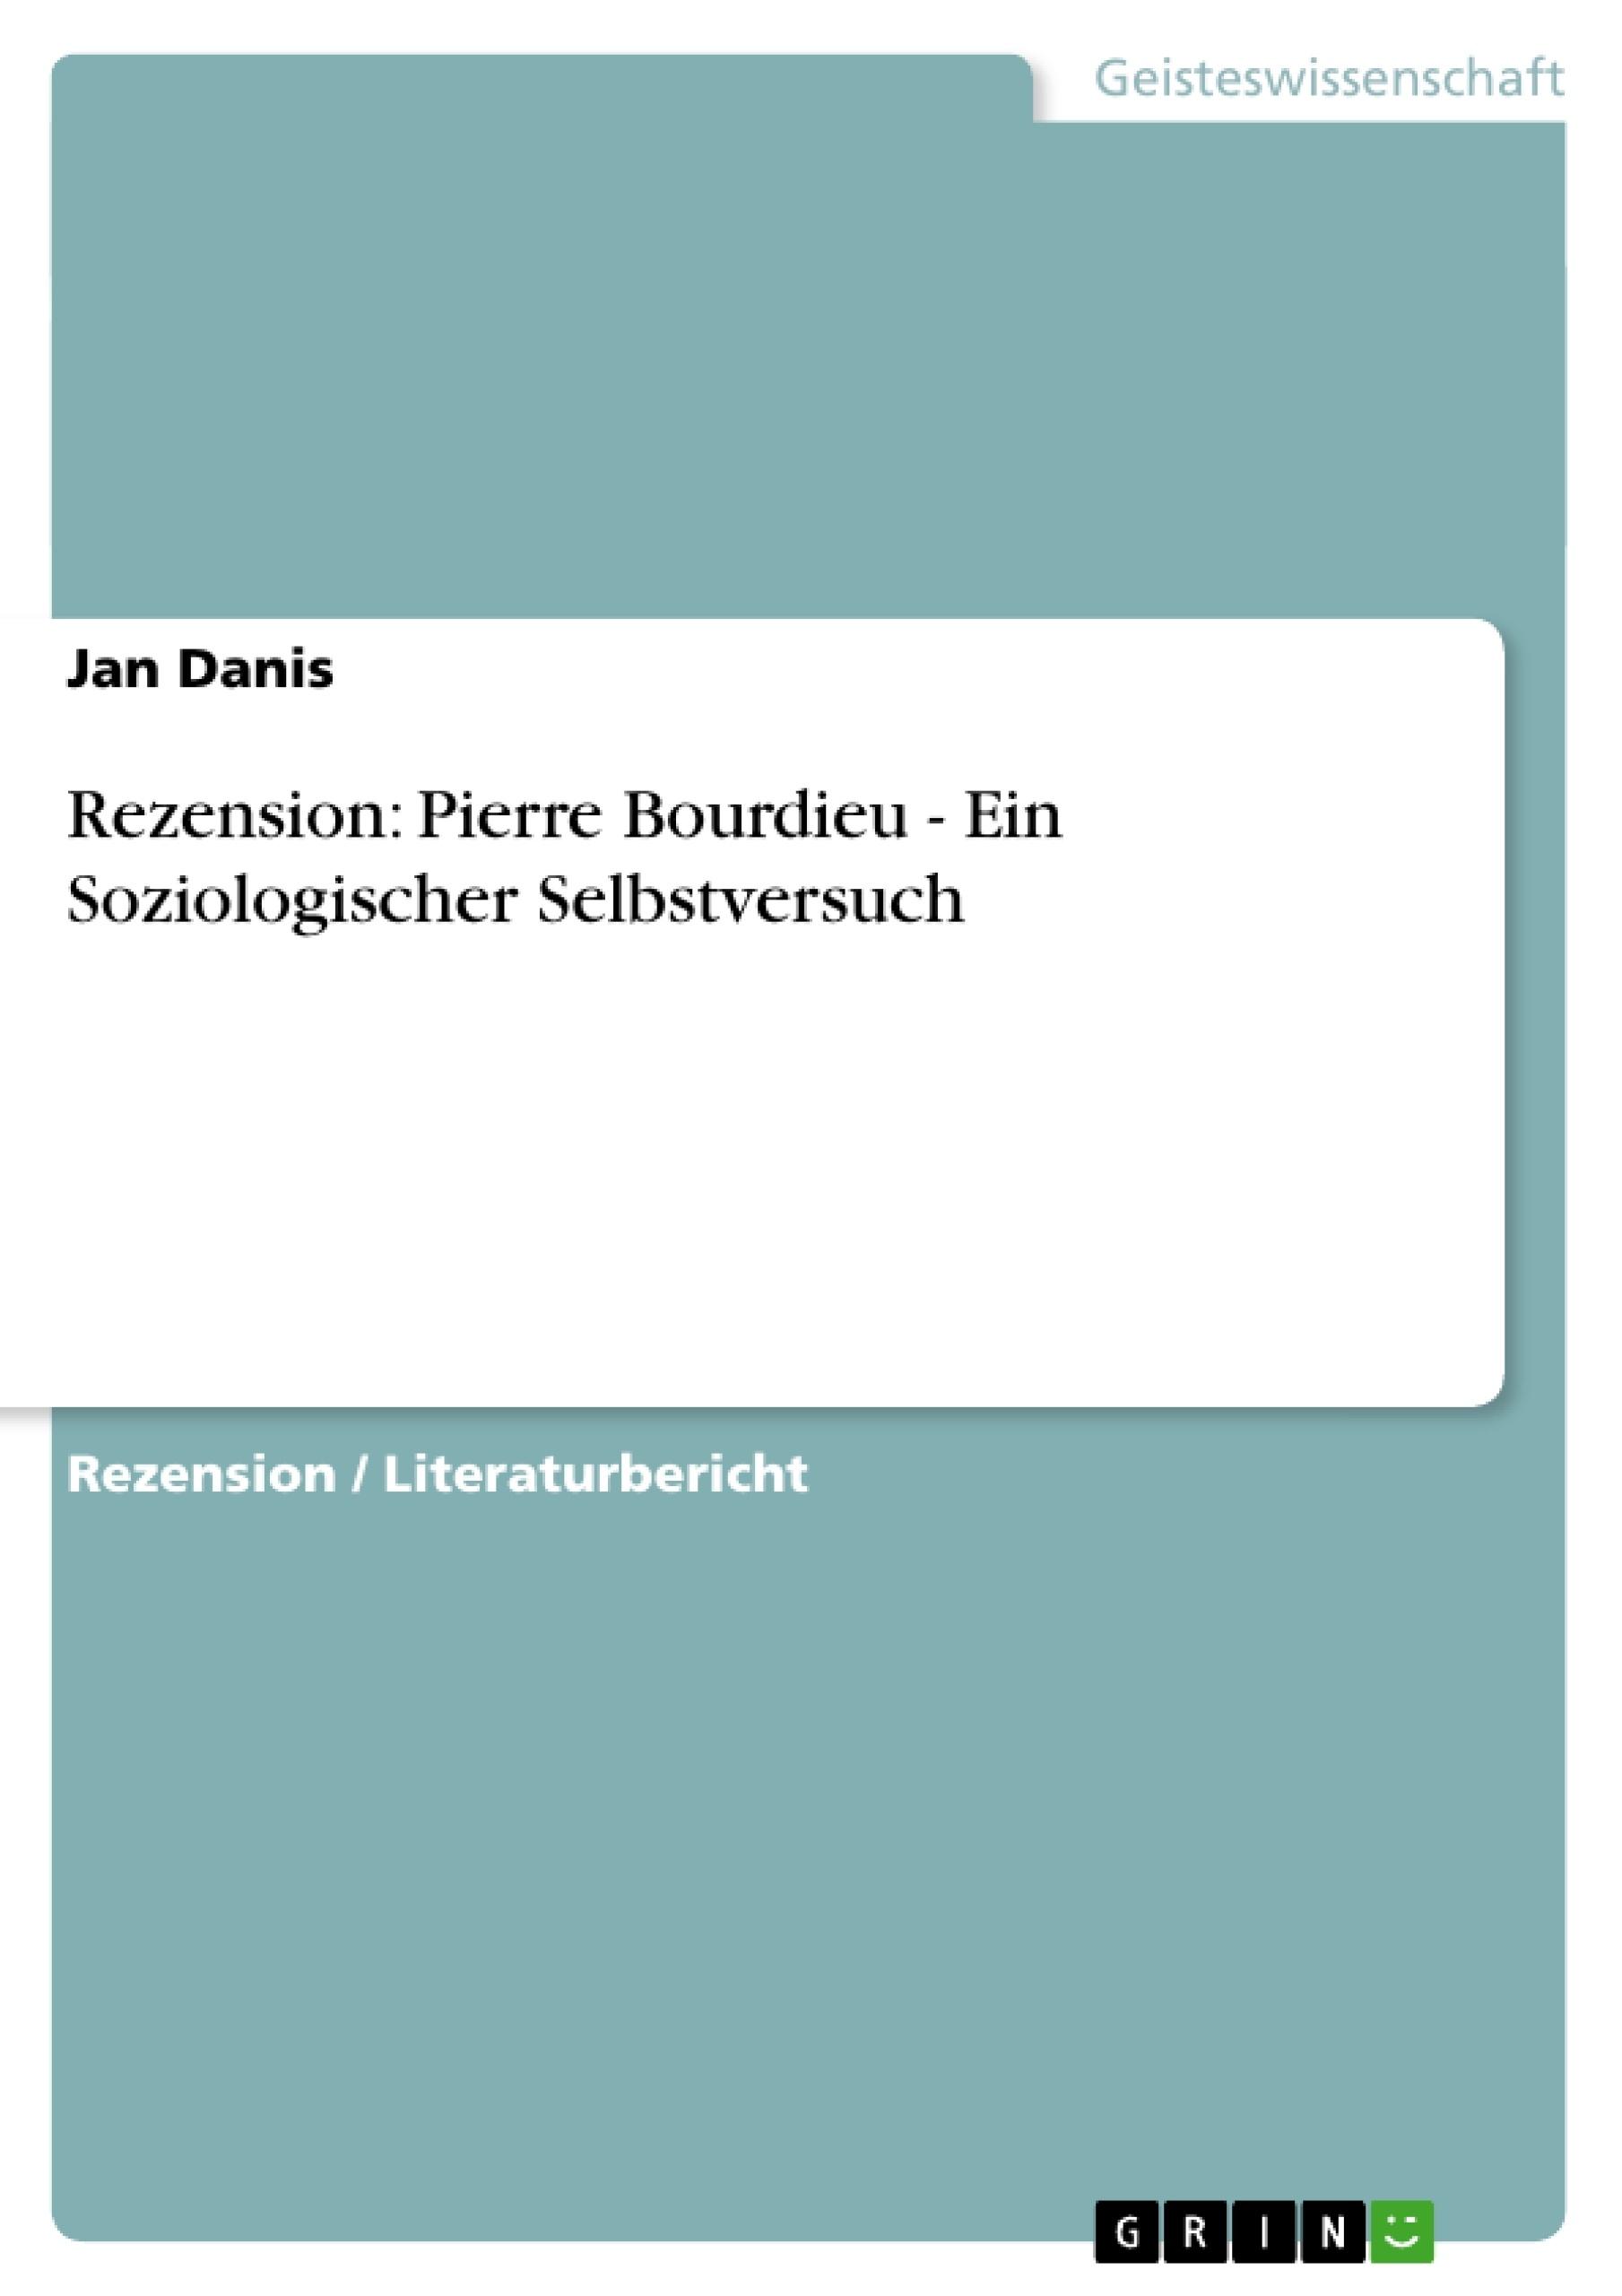 Titel: Rezension: Pierre Bourdieu - Ein Soziologischer Selbstversuch